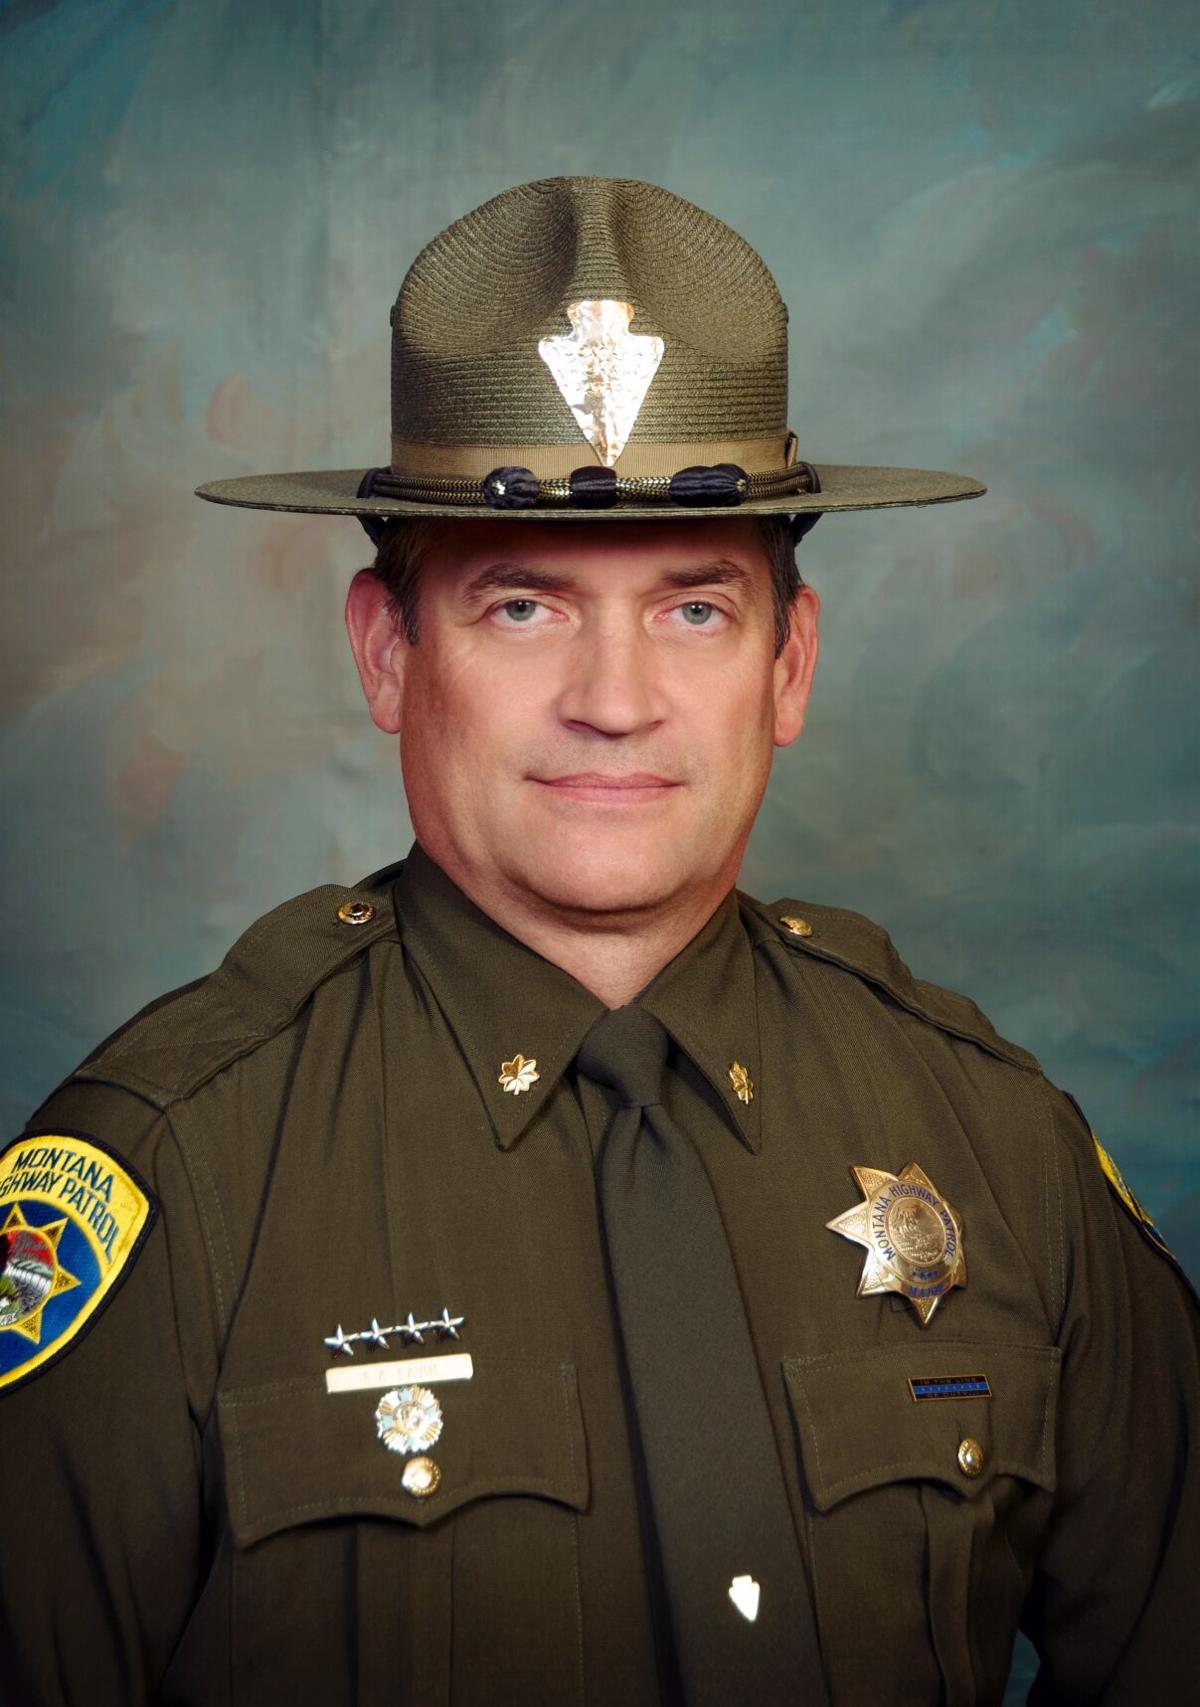 Major Steve Lavin